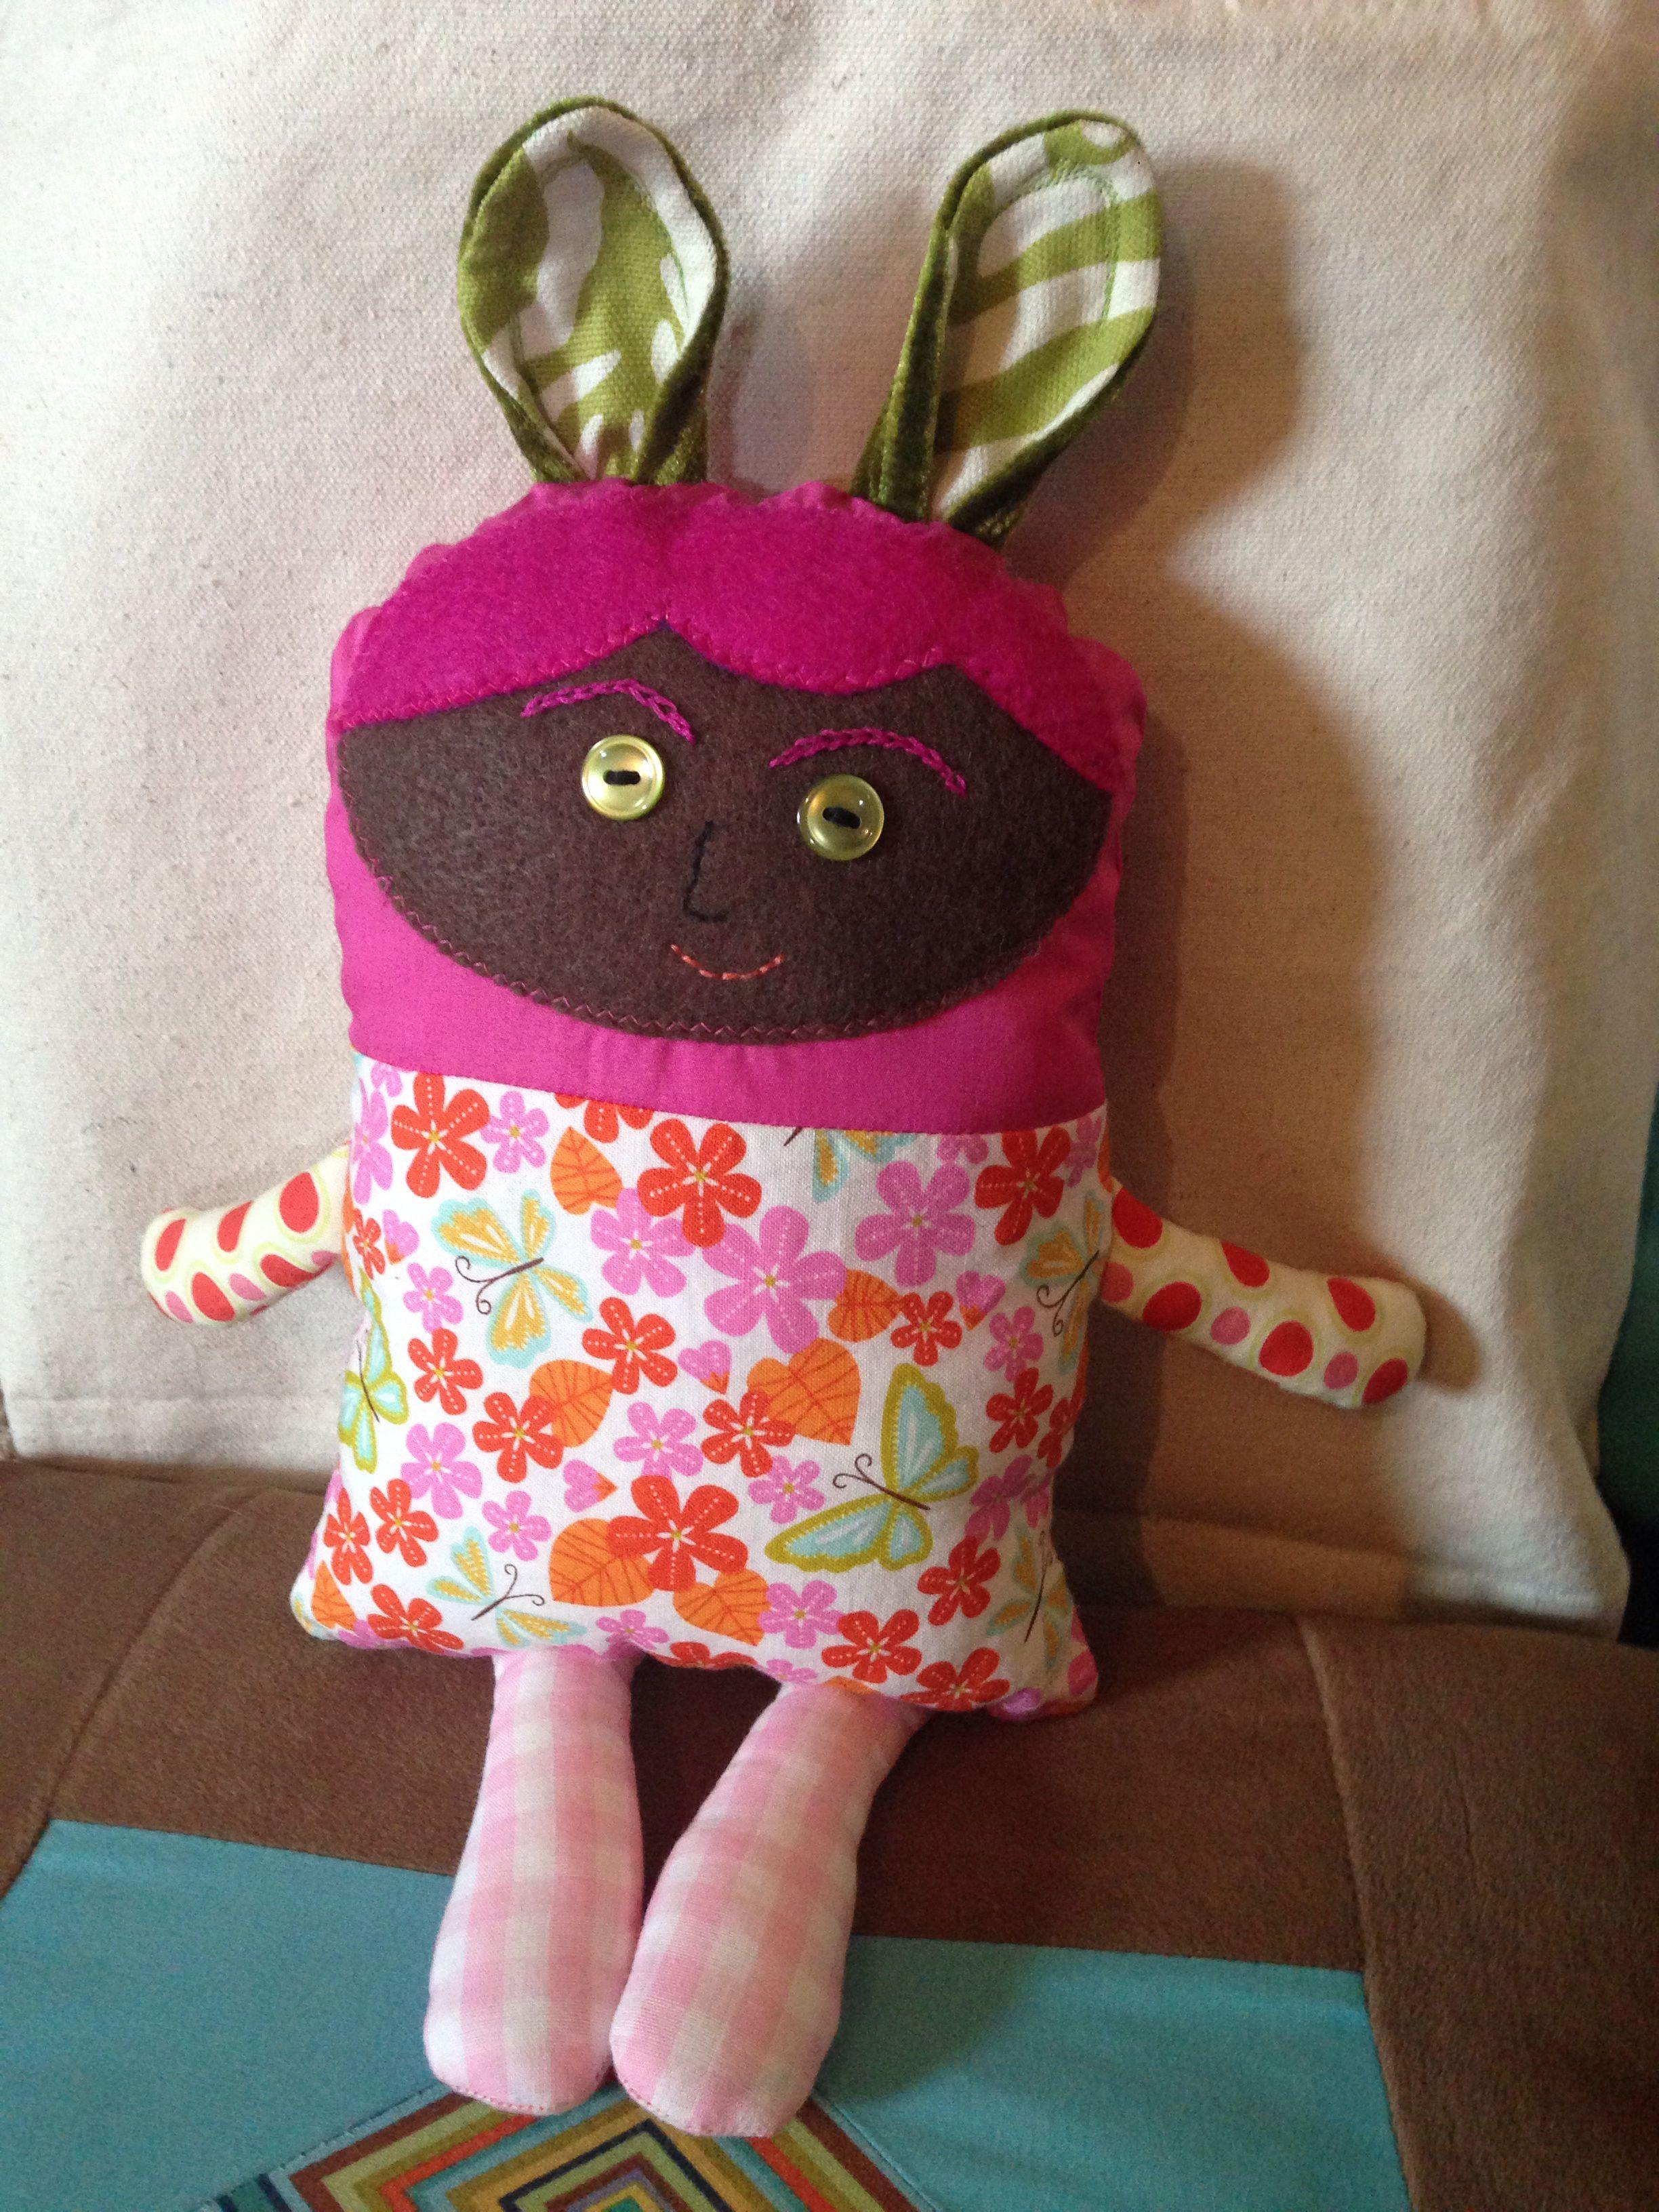 Here is a cute secrete keeper doll.